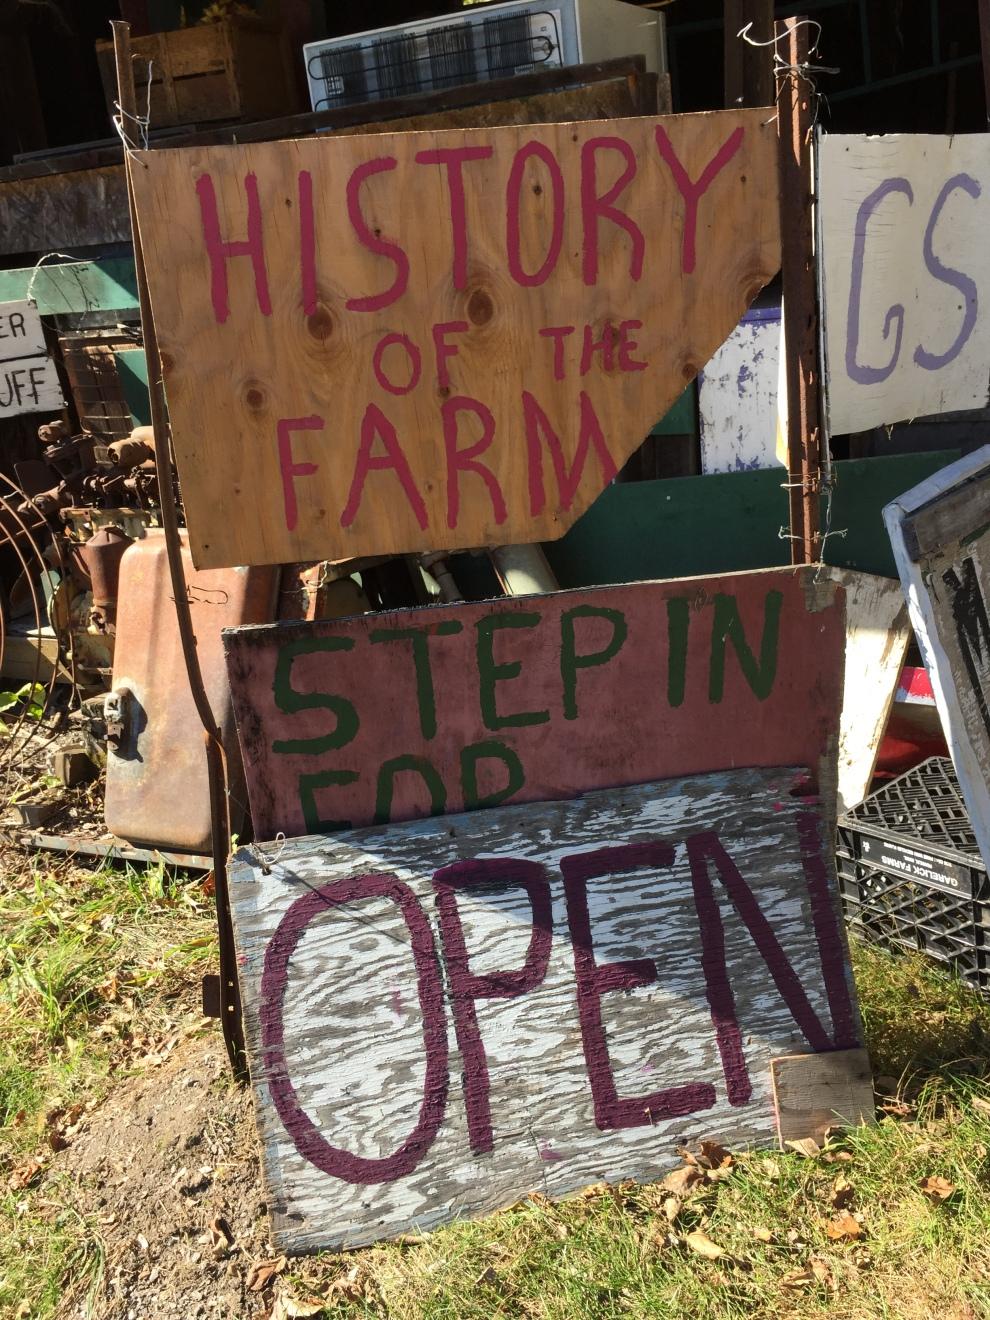 history of the farm